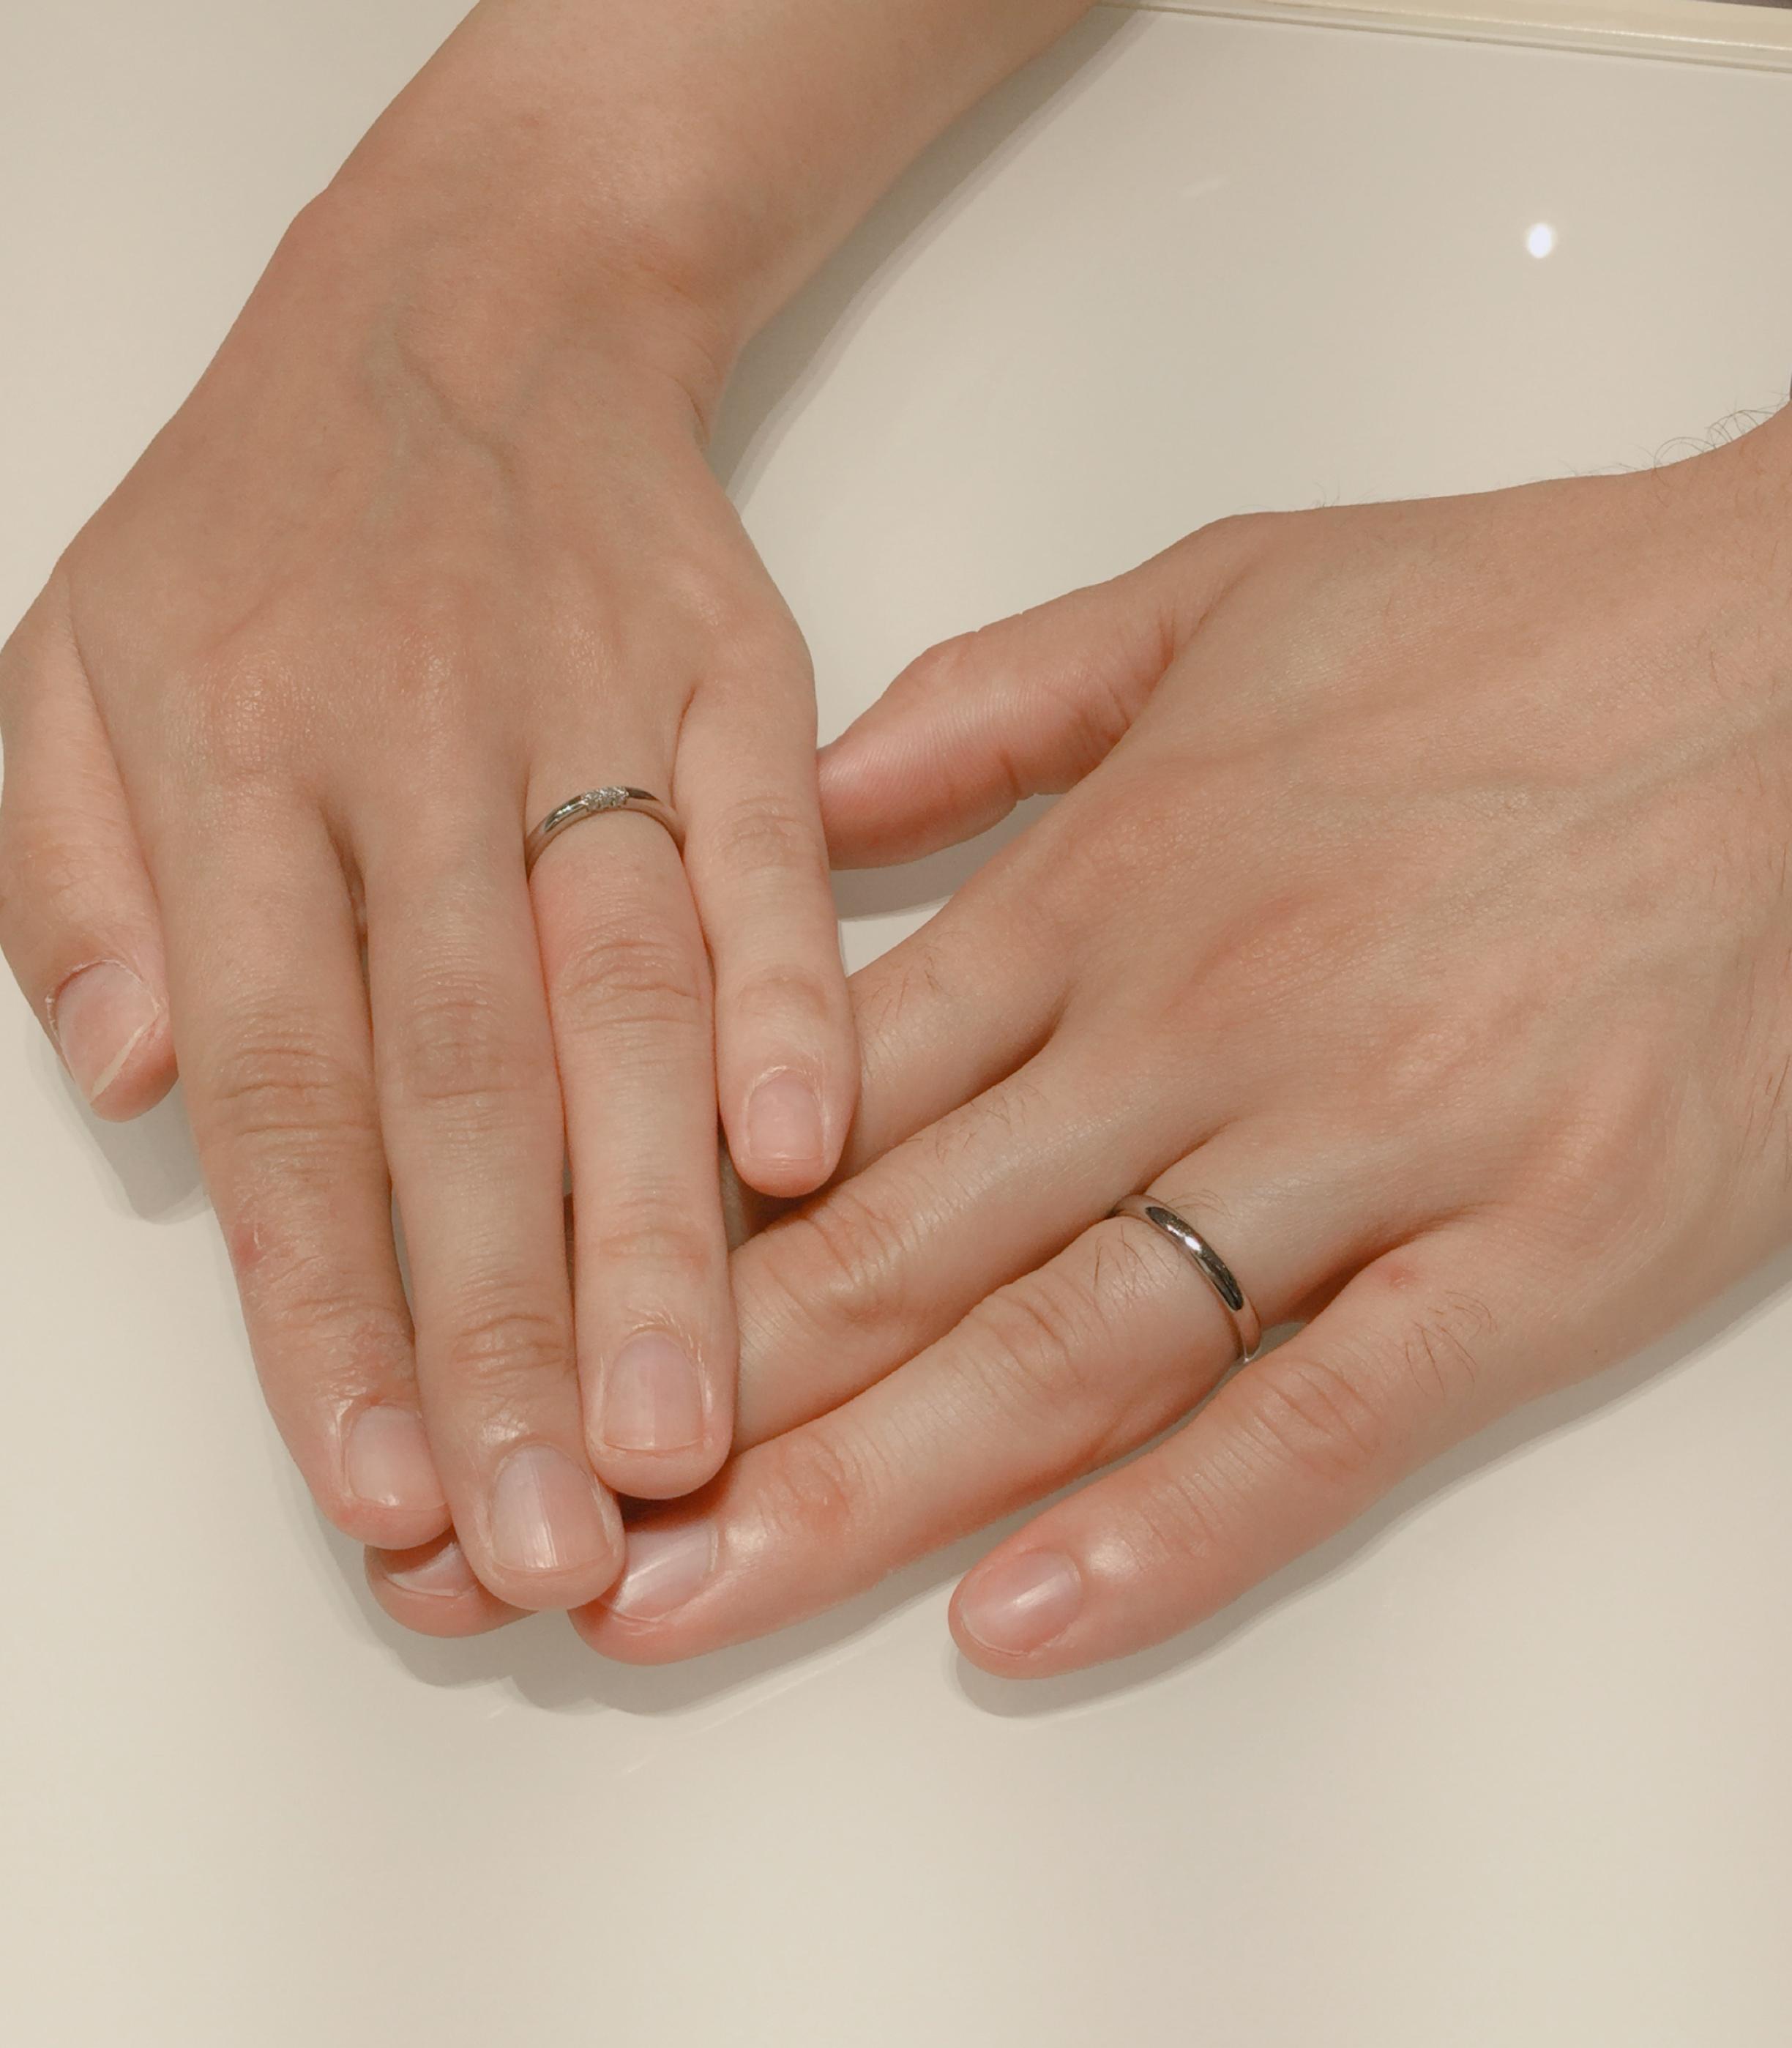 控えめなダイヤに一目惚れ/ラザールダイヤモンド・フェアリーの結婚指輪をご成約。長岡市K様・柏崎市S様